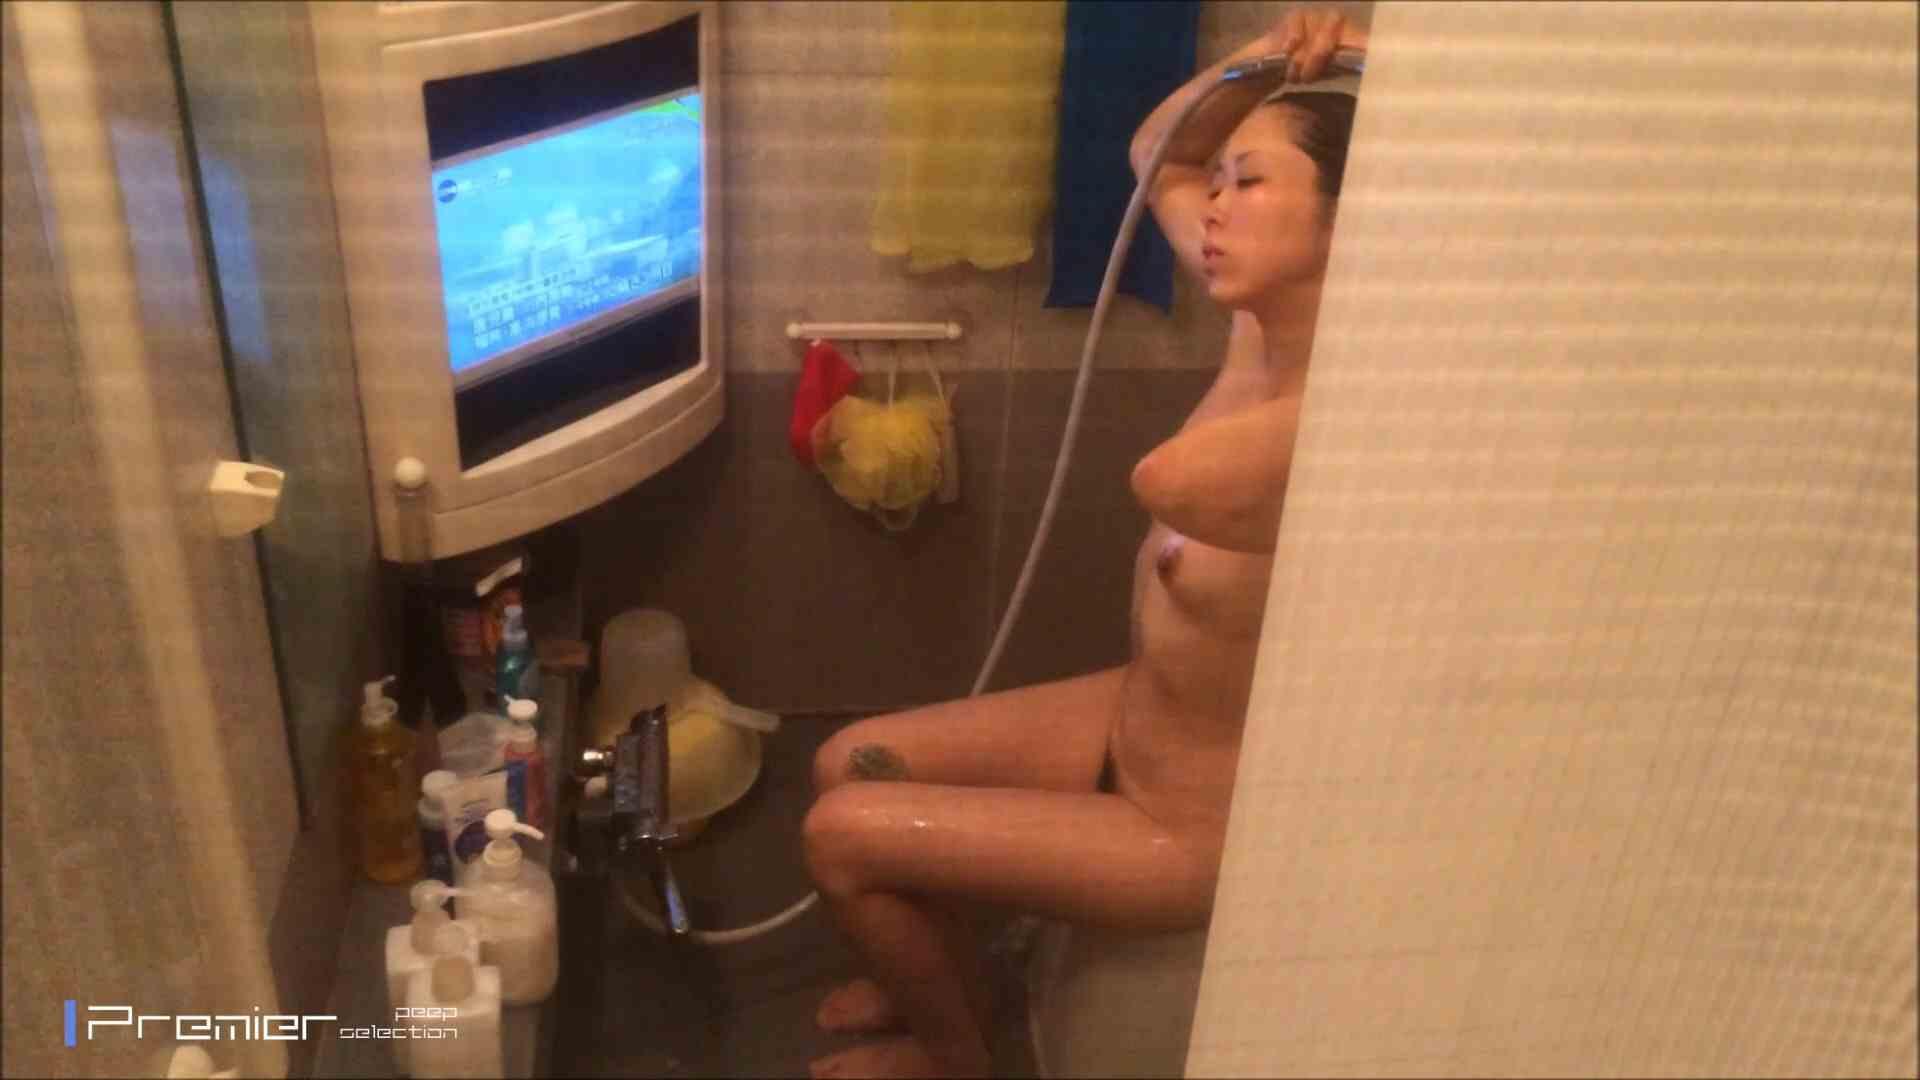 美女のテレビを見ながらの入浴 乙女の風呂場 Vol.21 美乳 セックス画像 111画像 51